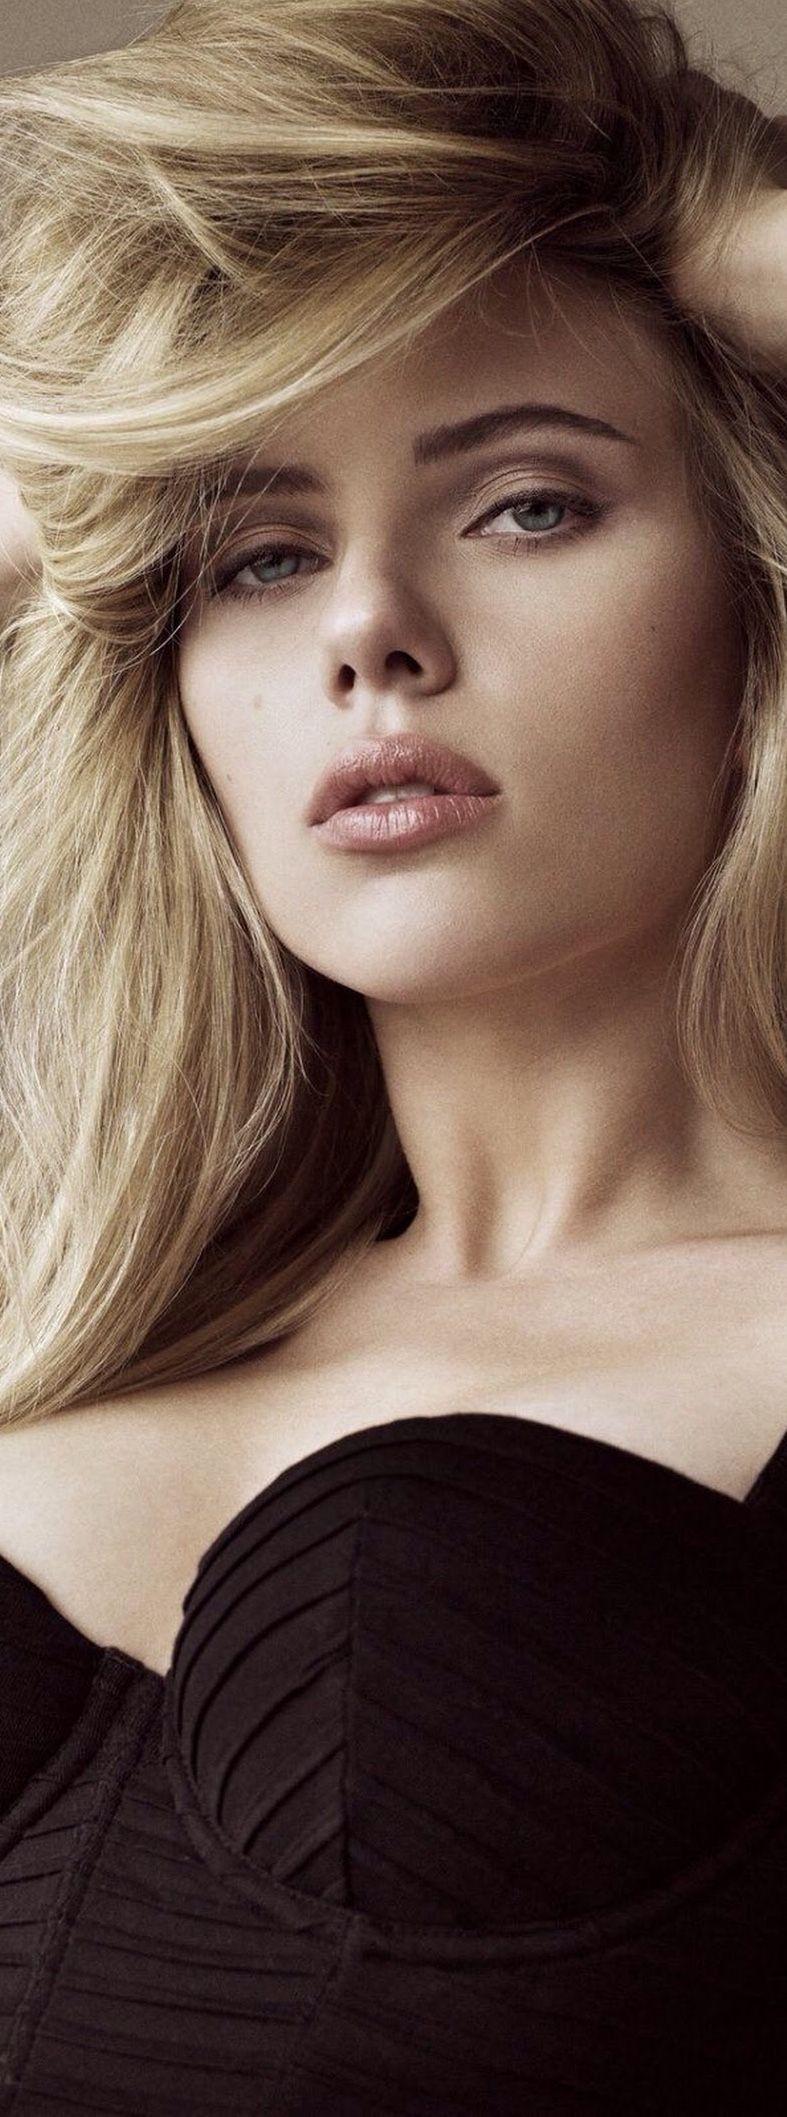 Pin by Hettiën on Scarlett Johansson Scarlett johansson